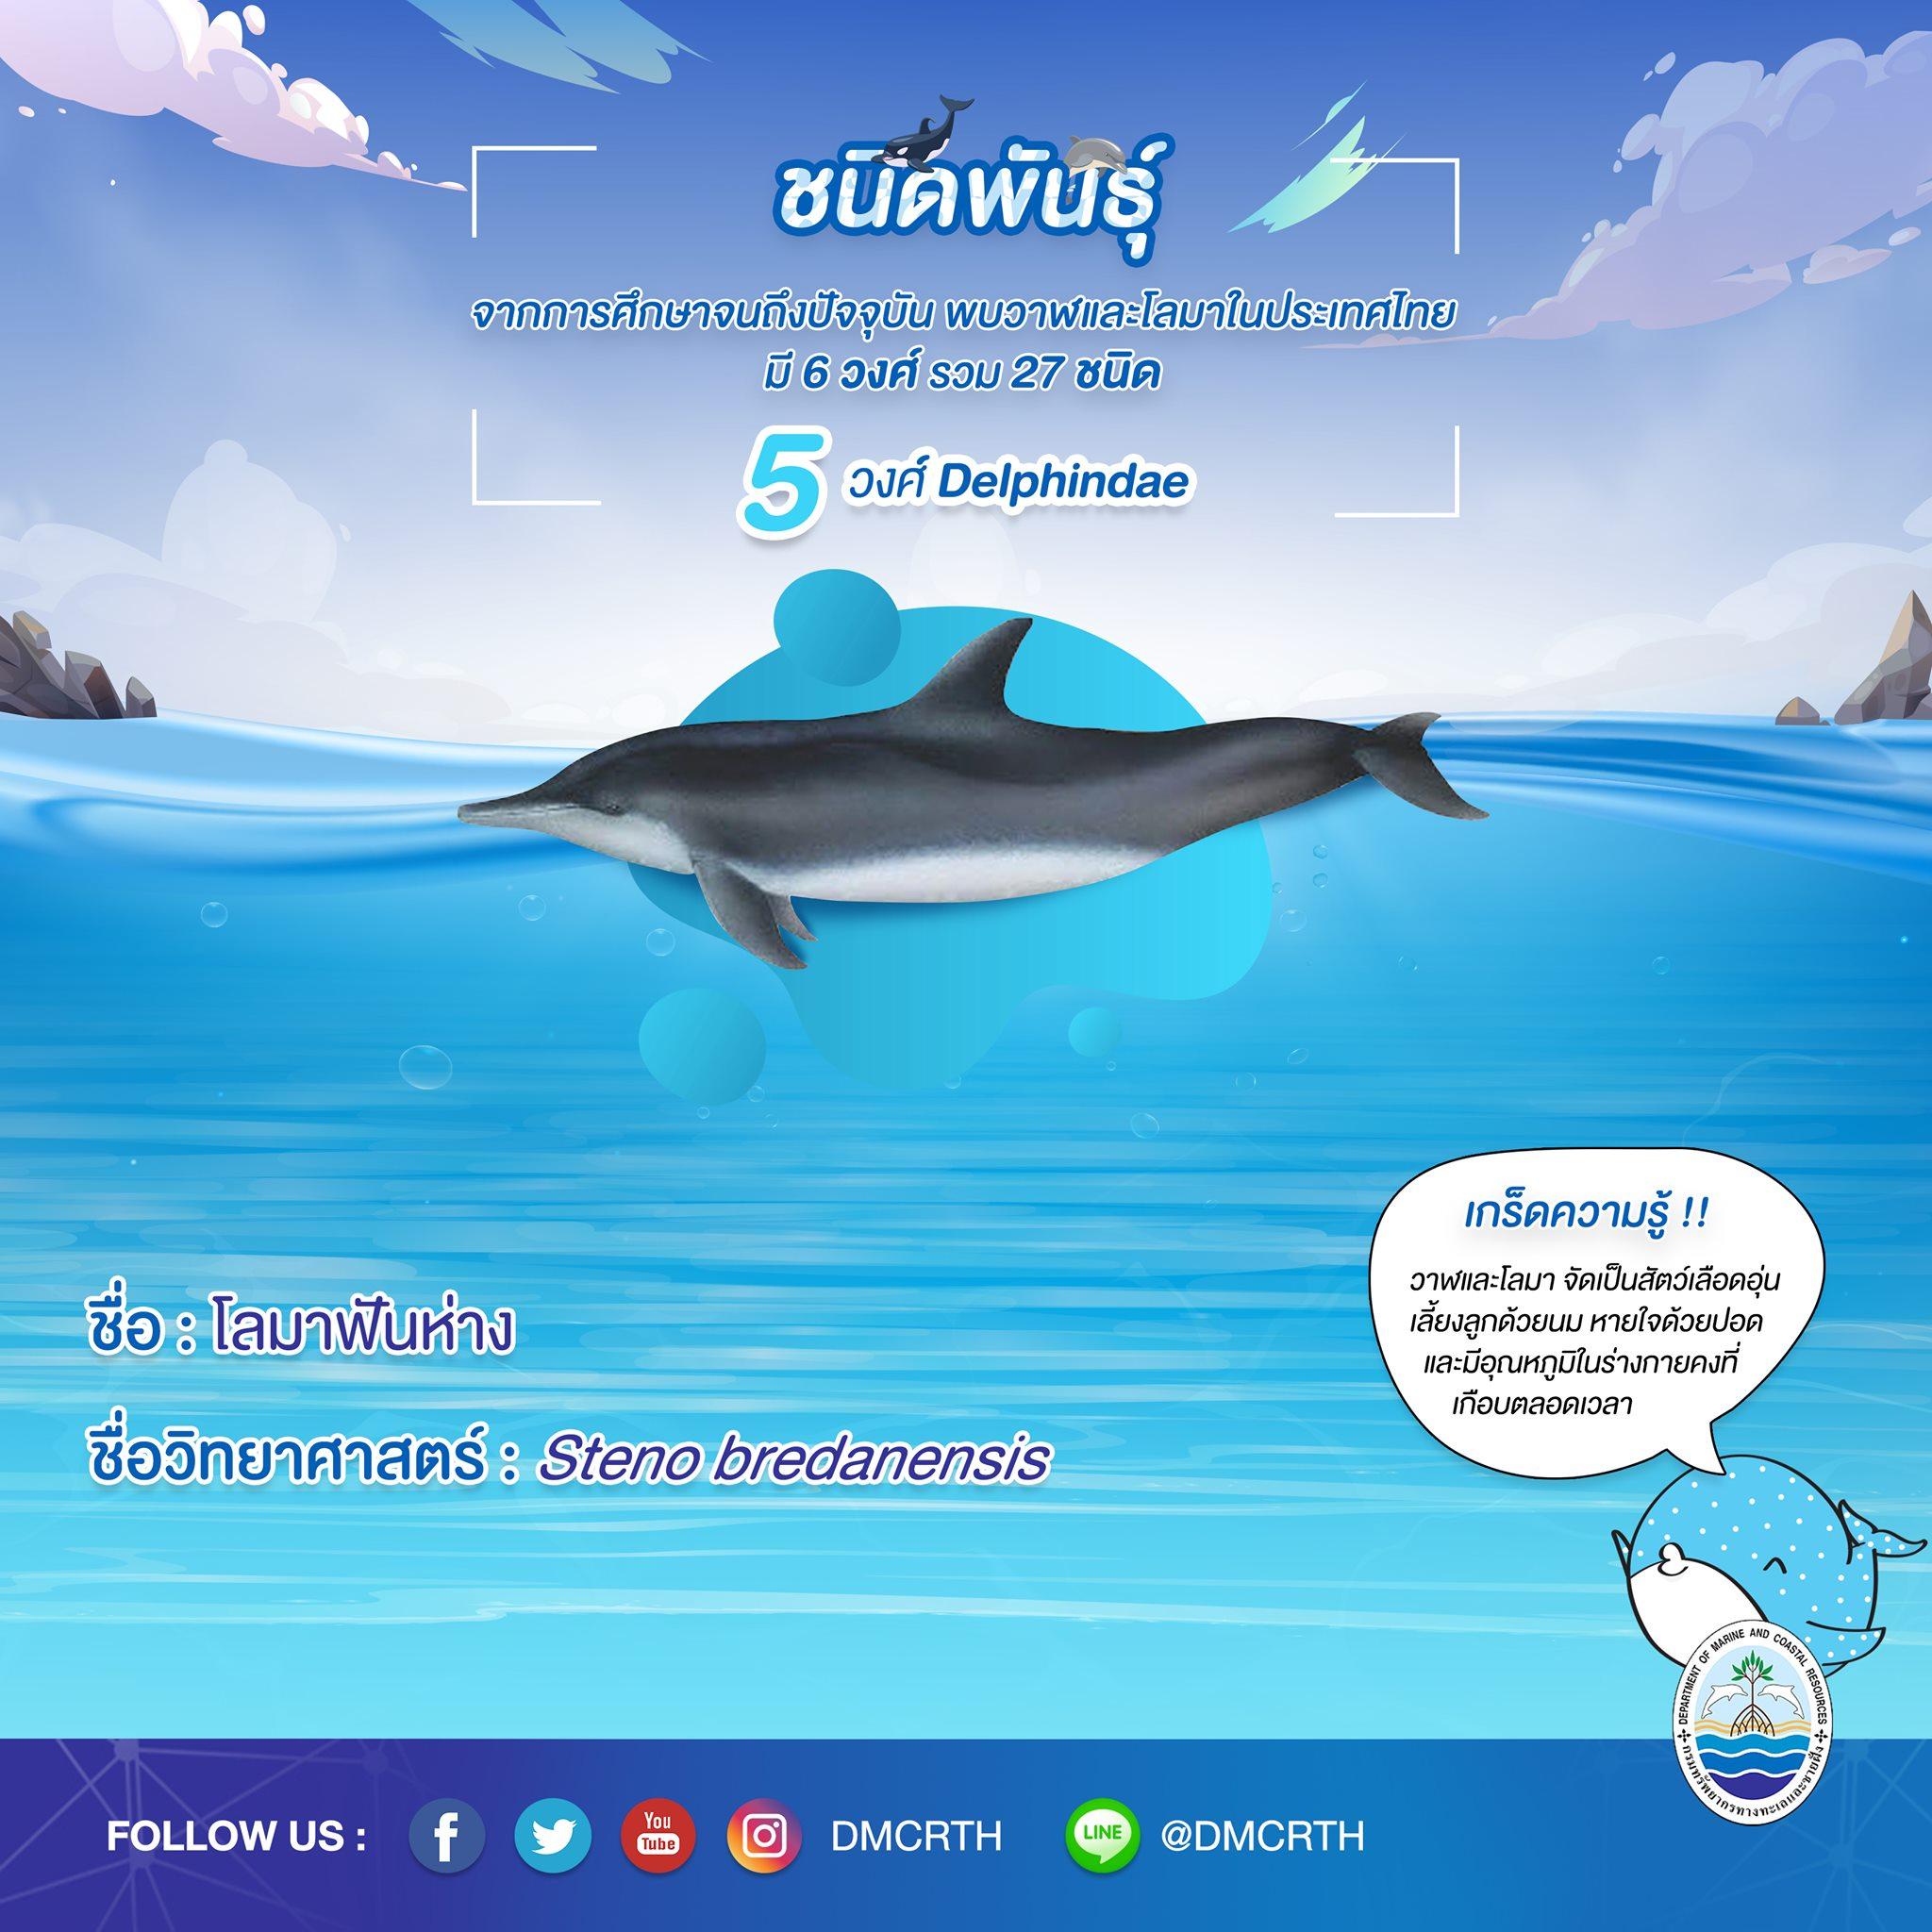 รู้จักเรา รู้จักวาฬ/โลมา วันละชนิด #๑๙ โลมาฟันห่าง